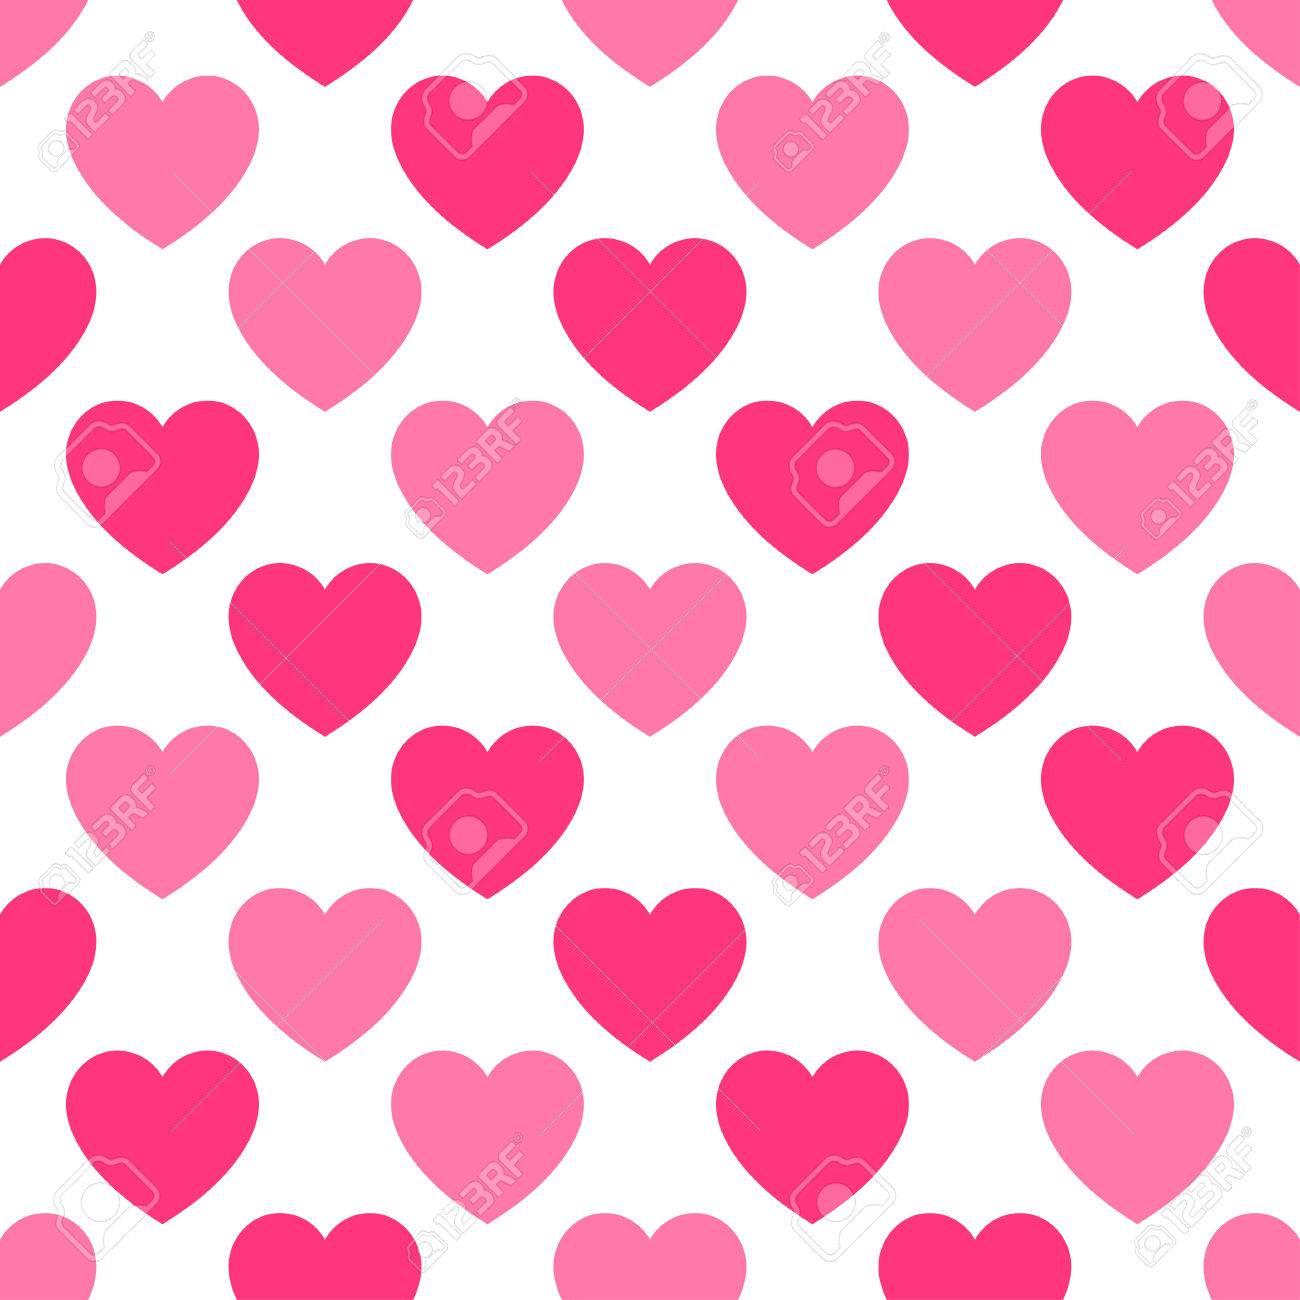 foto de archivo patrn con corazones rosas